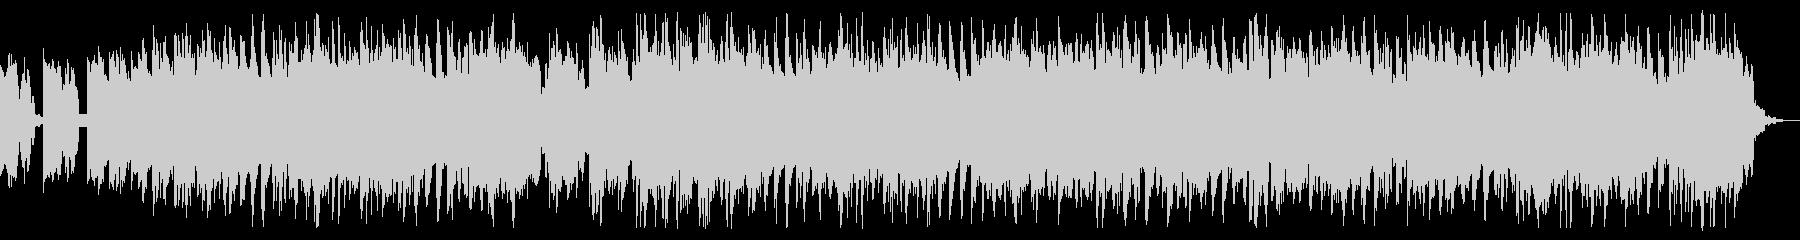 結婚行進曲 メンデルスゾーン シンセ版の未再生の波形